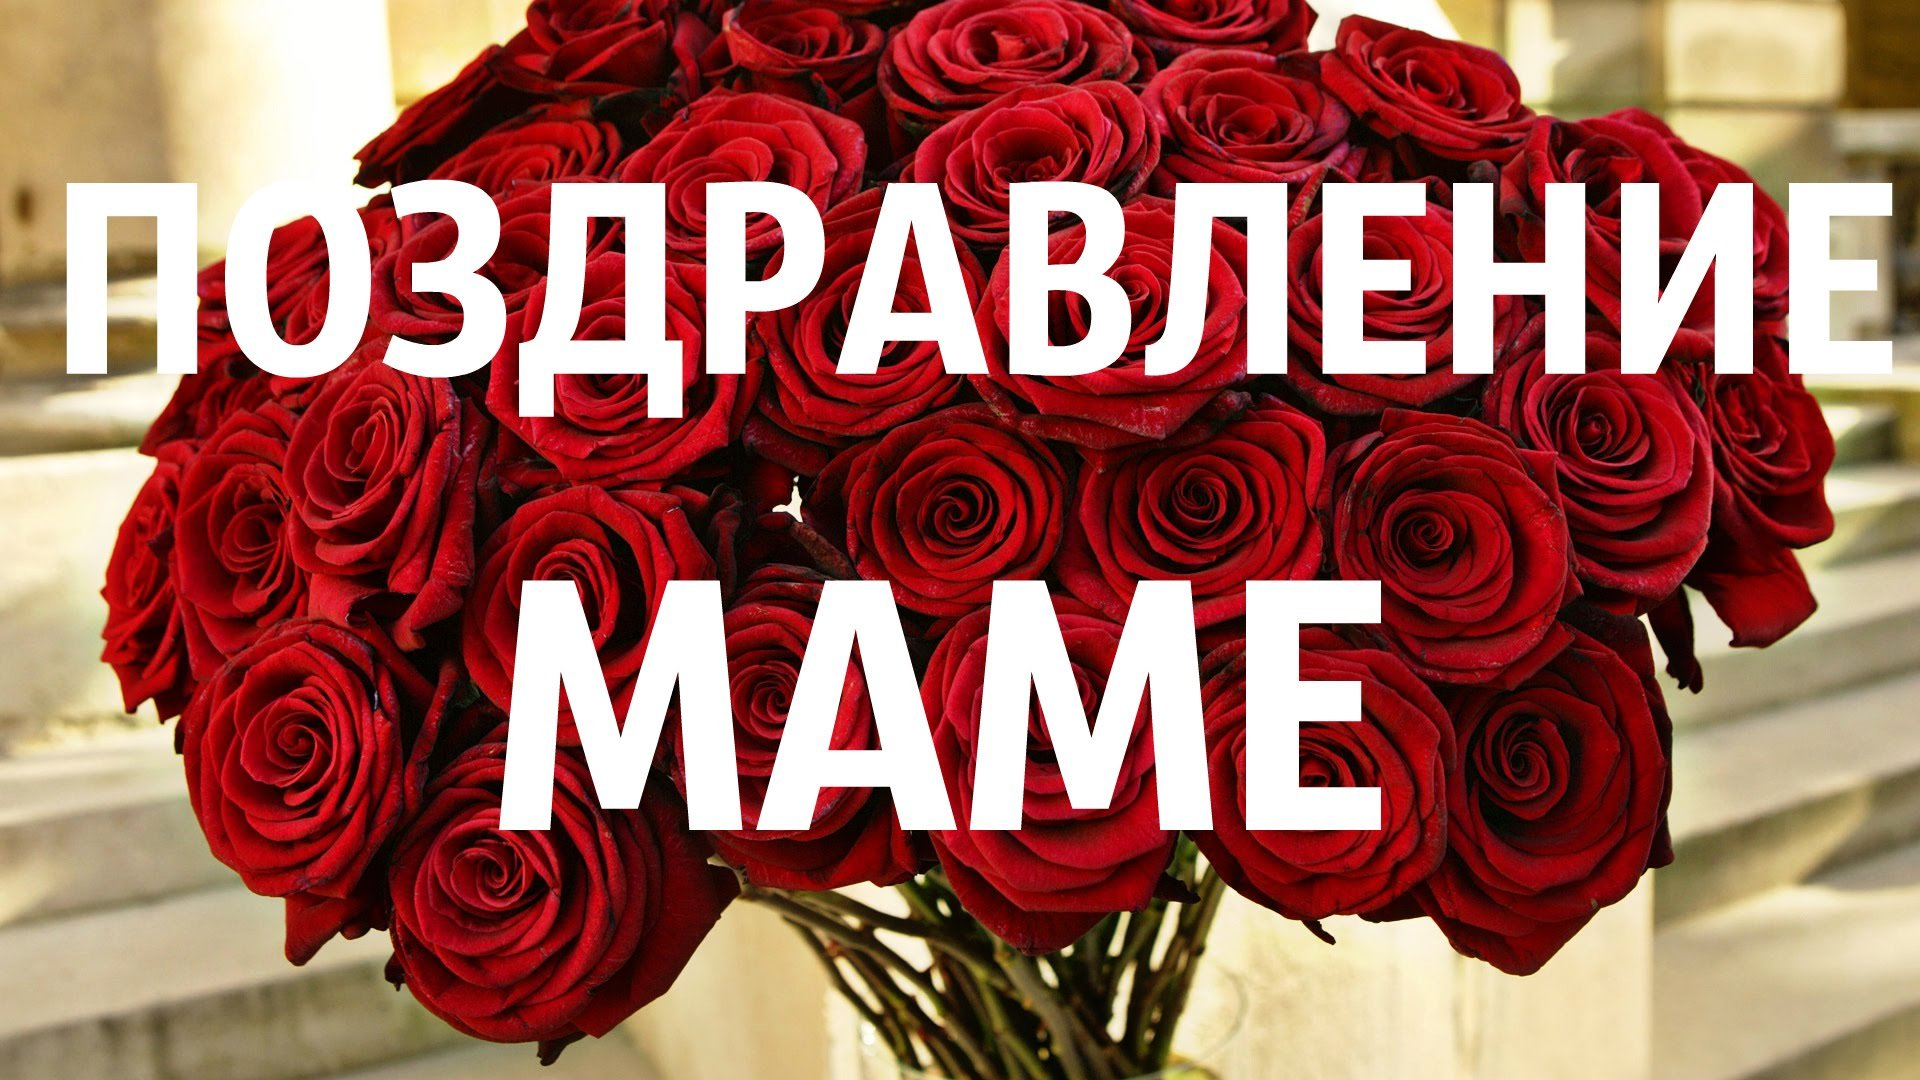 Поздравление мамочку с днем рождения